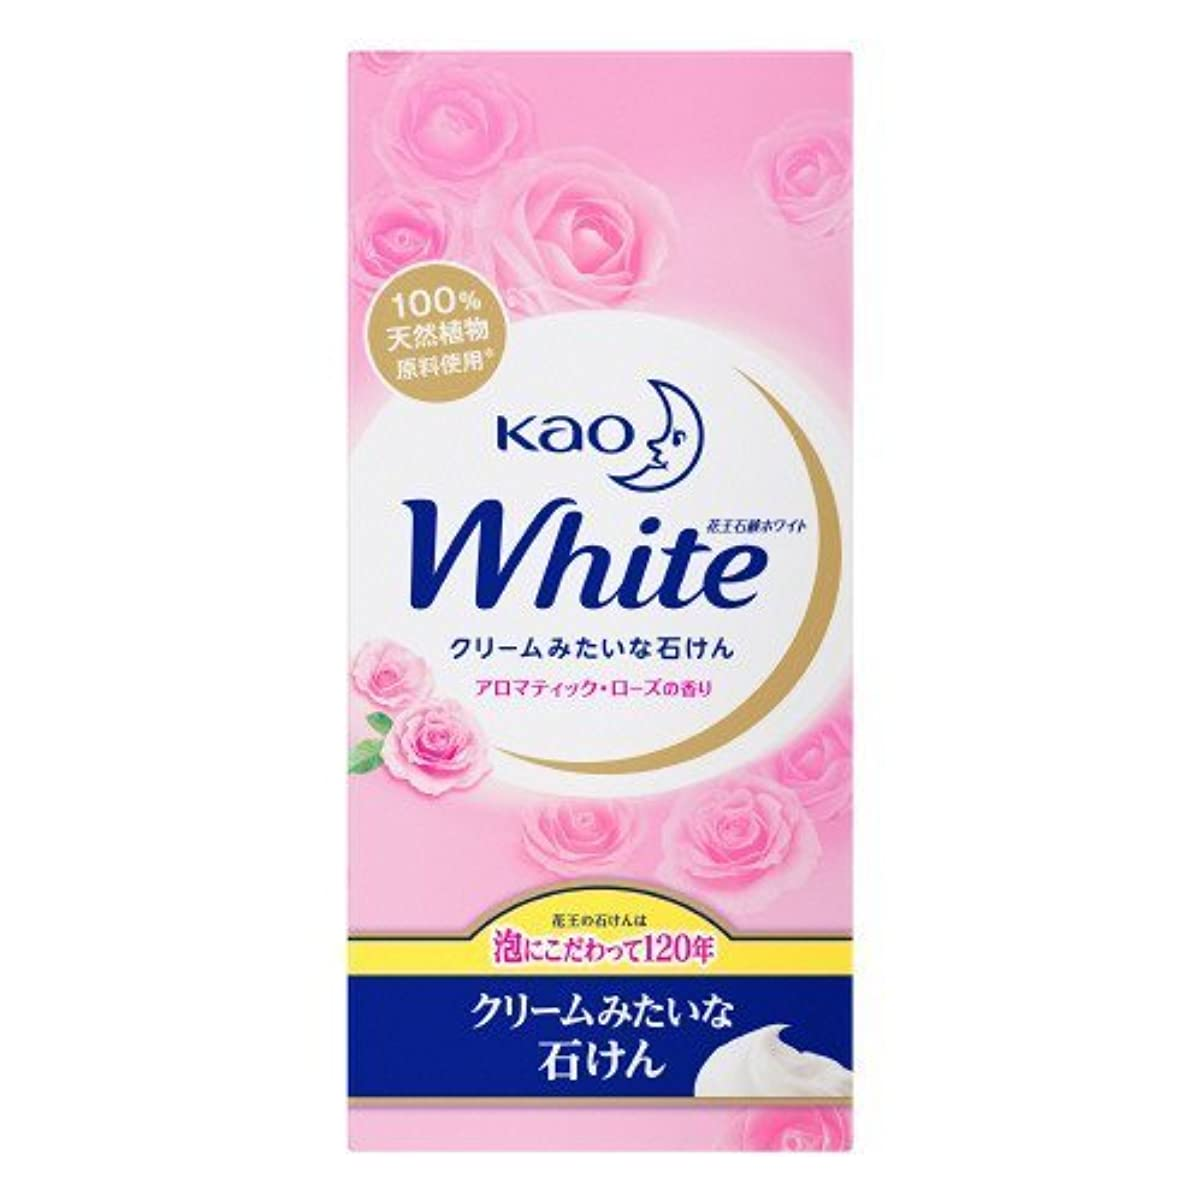 葉を集めるはちみつ団結する【花王】花王ホワイト アロマティックローズの香りレギュラーサイズ (85g×6個) ×10個セット